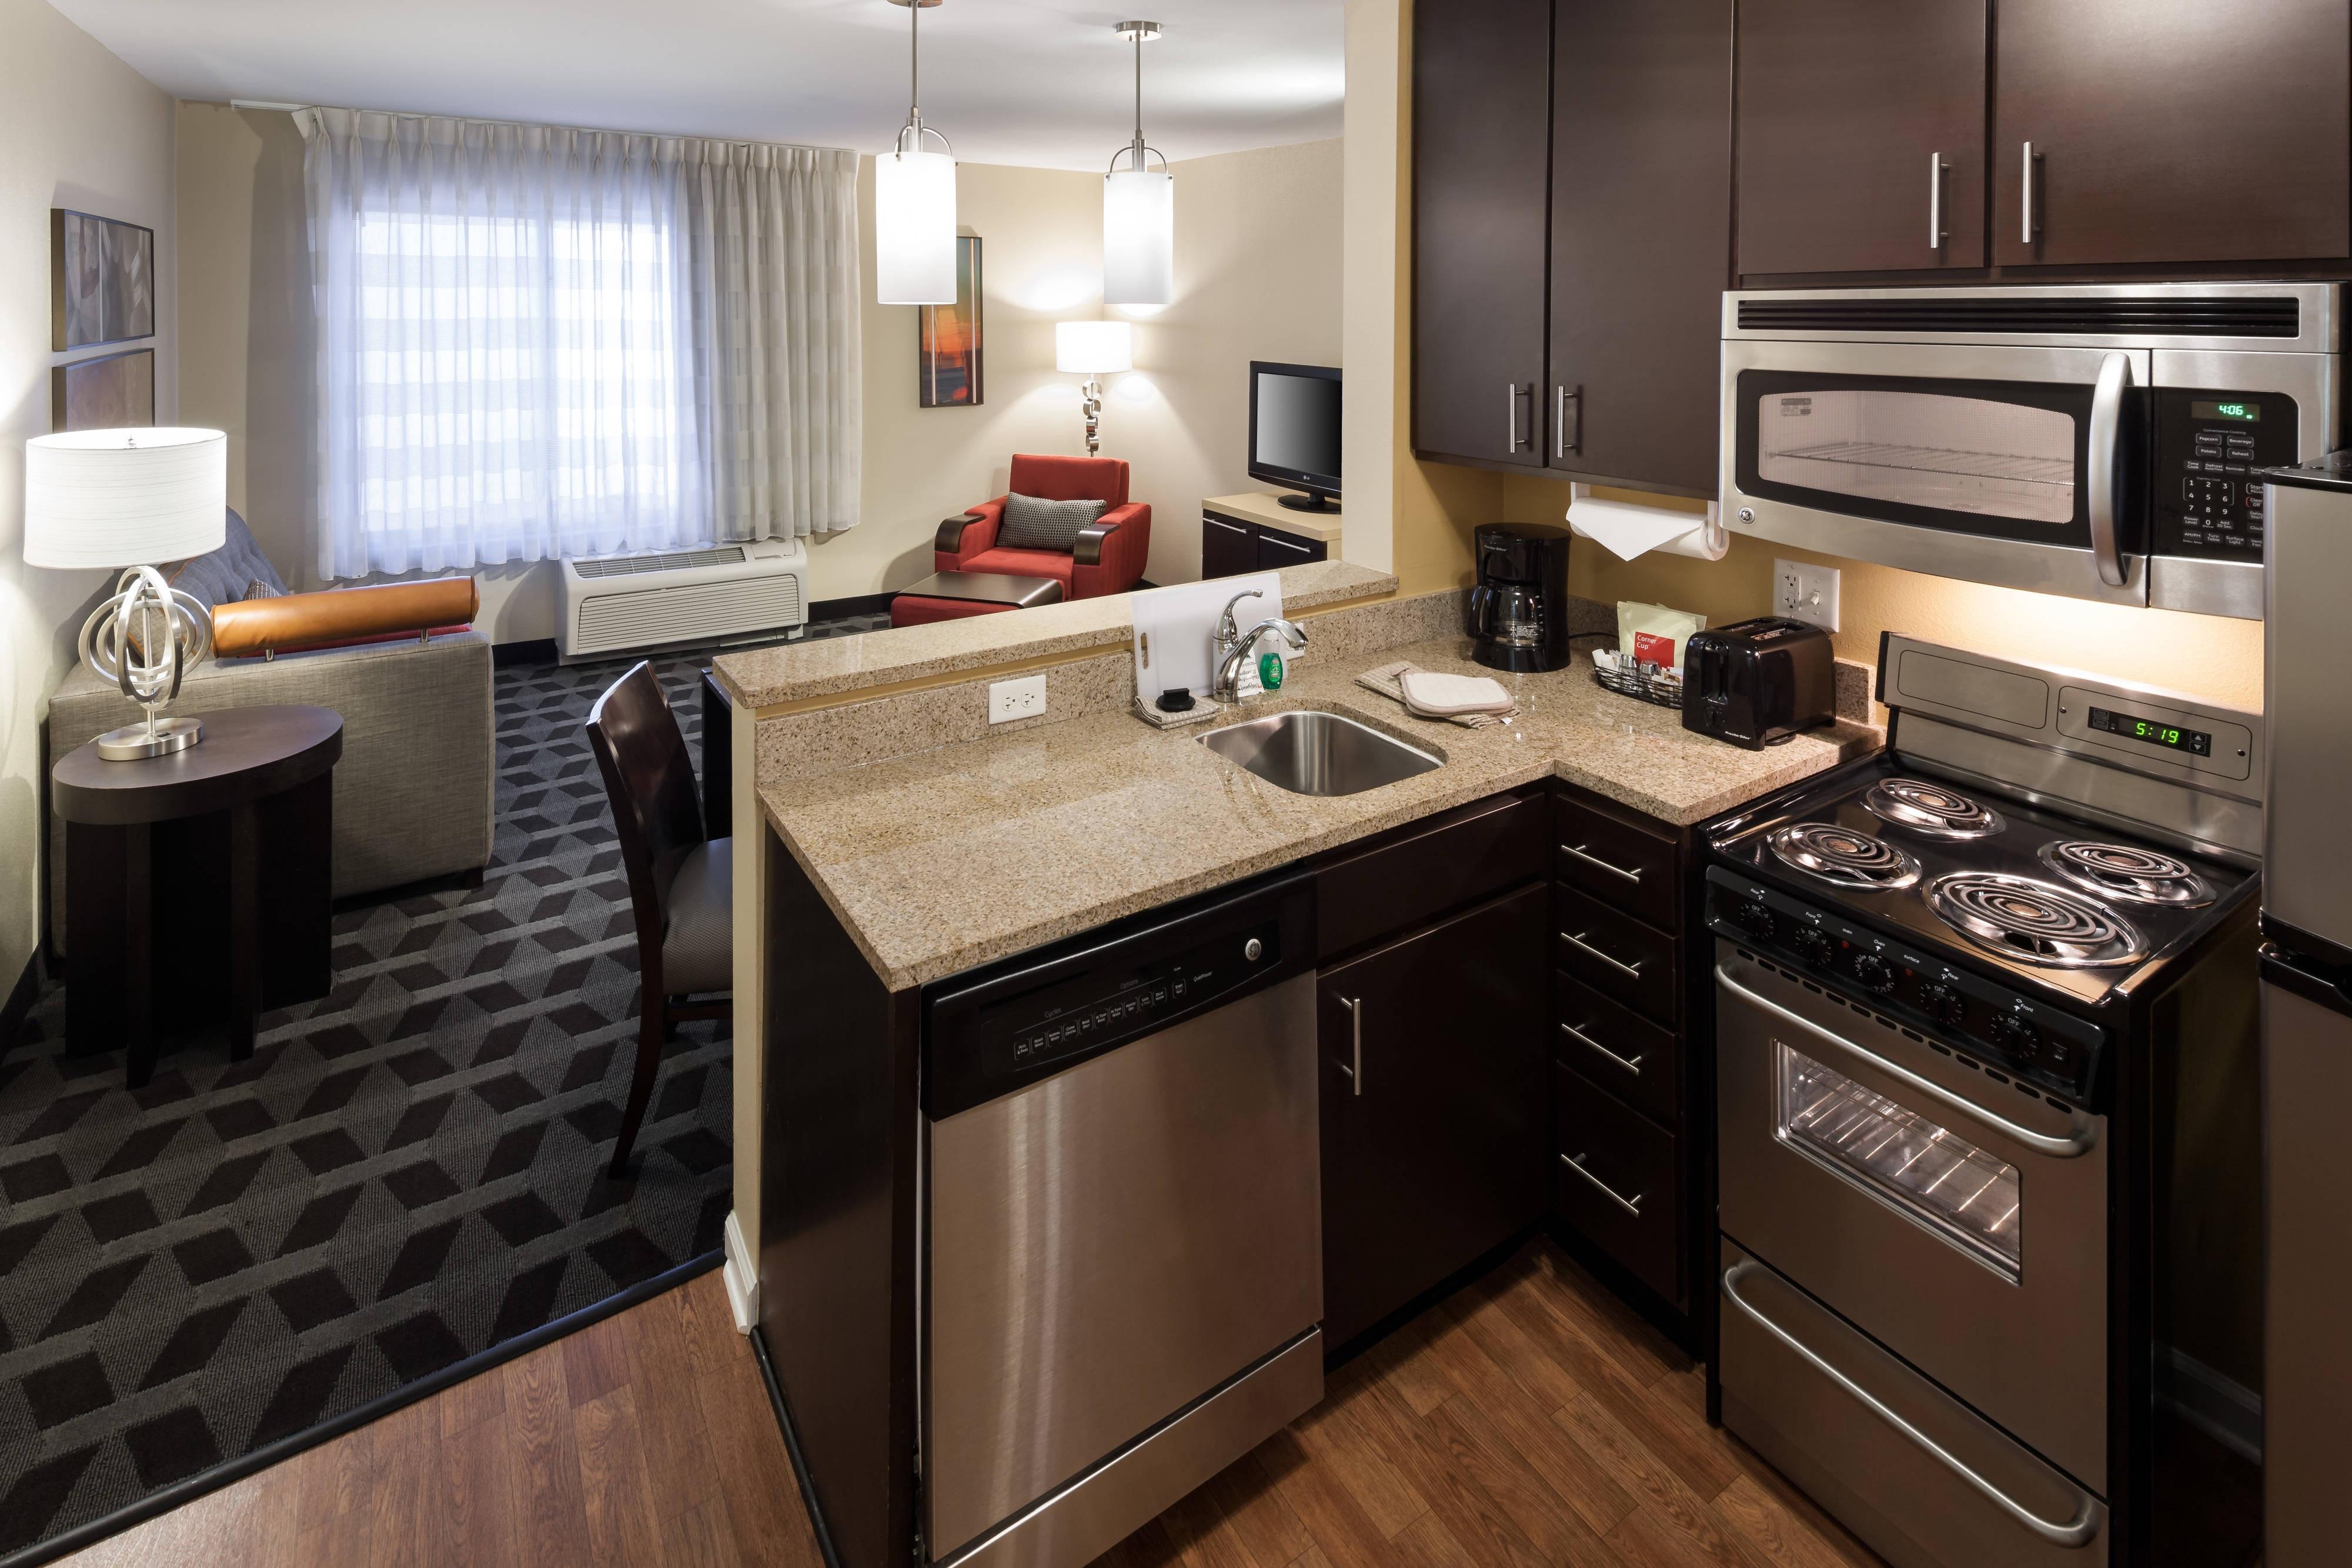 Suite con due camere da letto - cucina